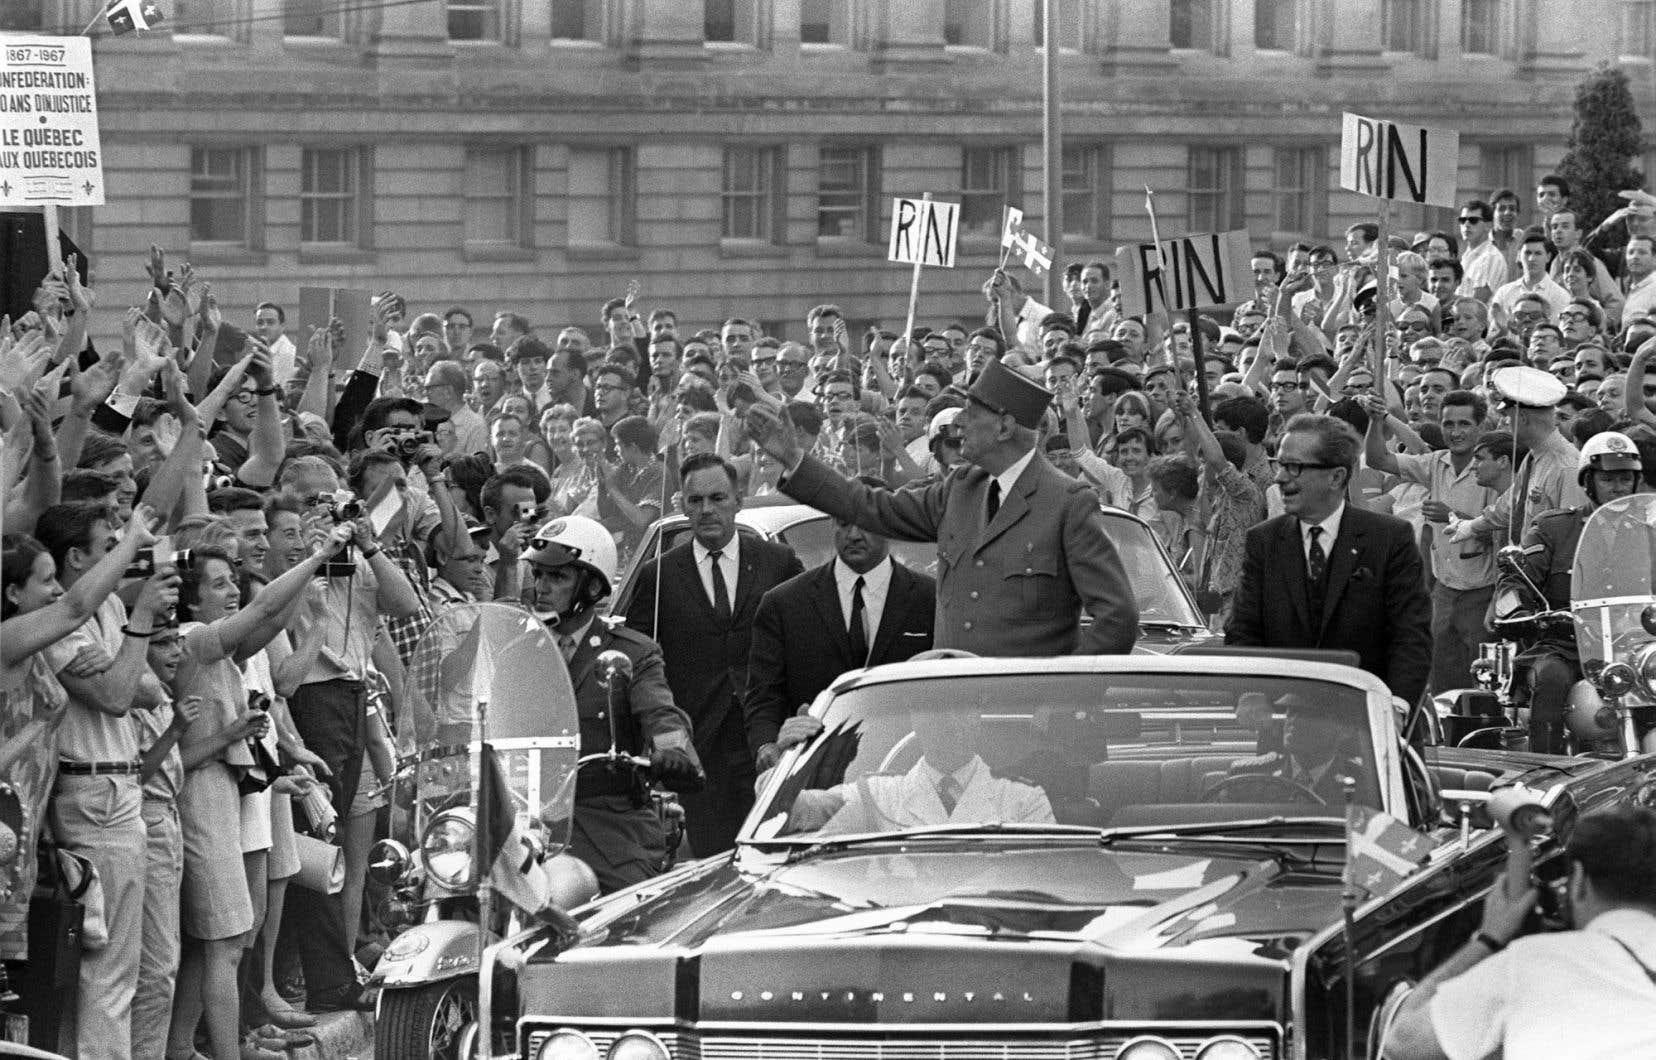 La visite du général de Gaulle au Québec en 1967 a mis, pour une des toutes premières fois de son histoire, la province sur la carte du monde.